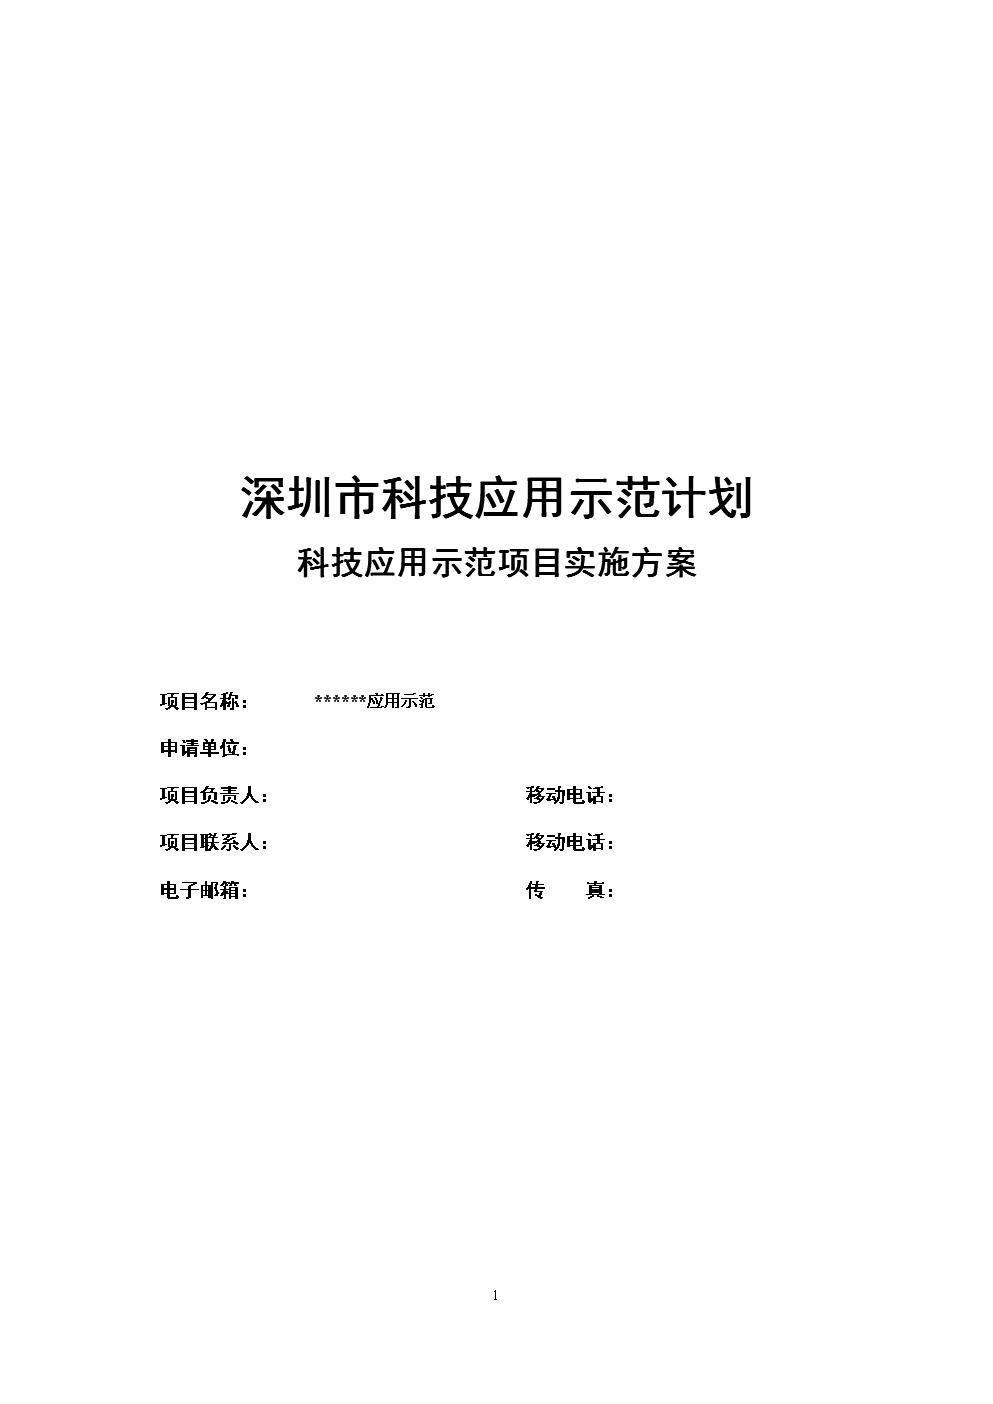 3.应用示范实施方案--报告提纲.docx